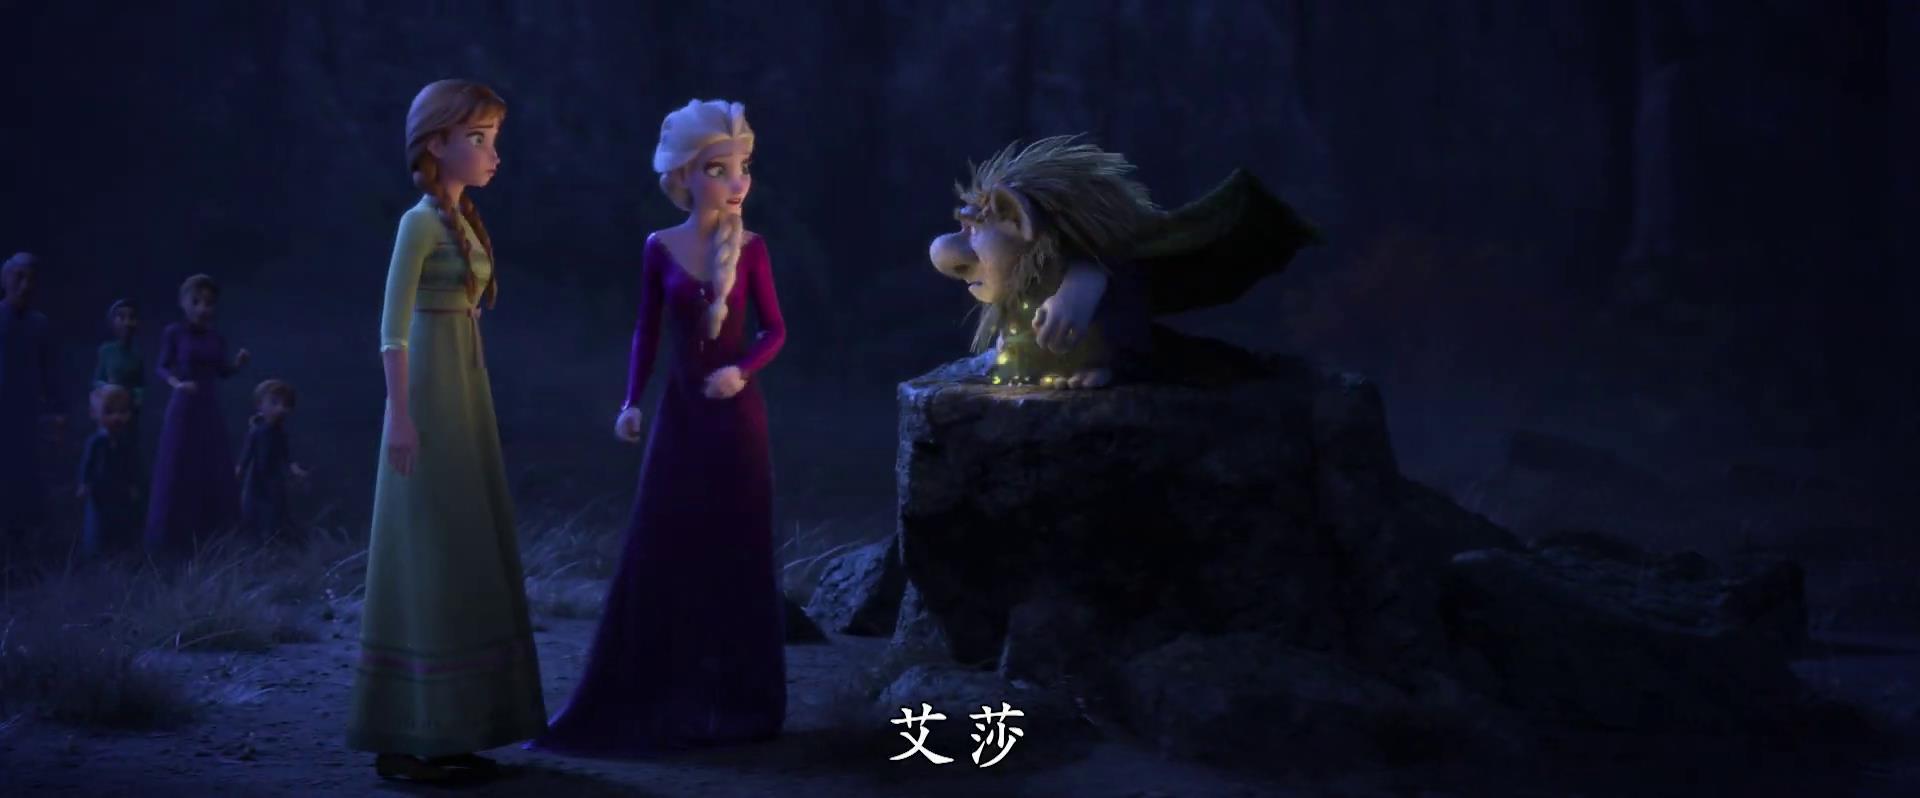 冰雪奇缘2,艾莎,安娜